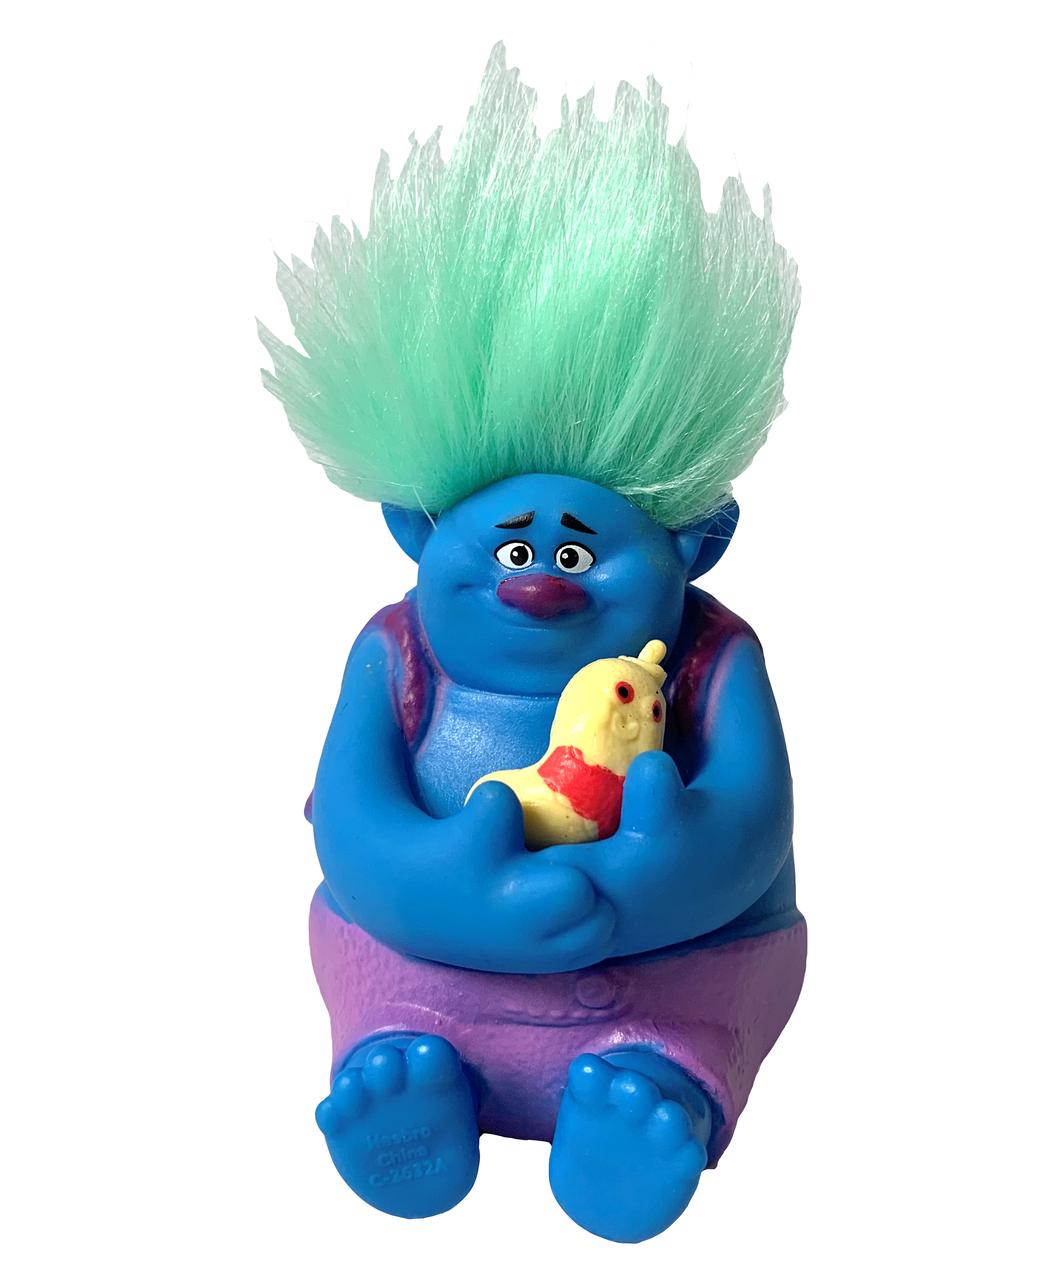 Игрушка-фигуркаHasbro Здоровяк, Тролли- Biggie, Trolls